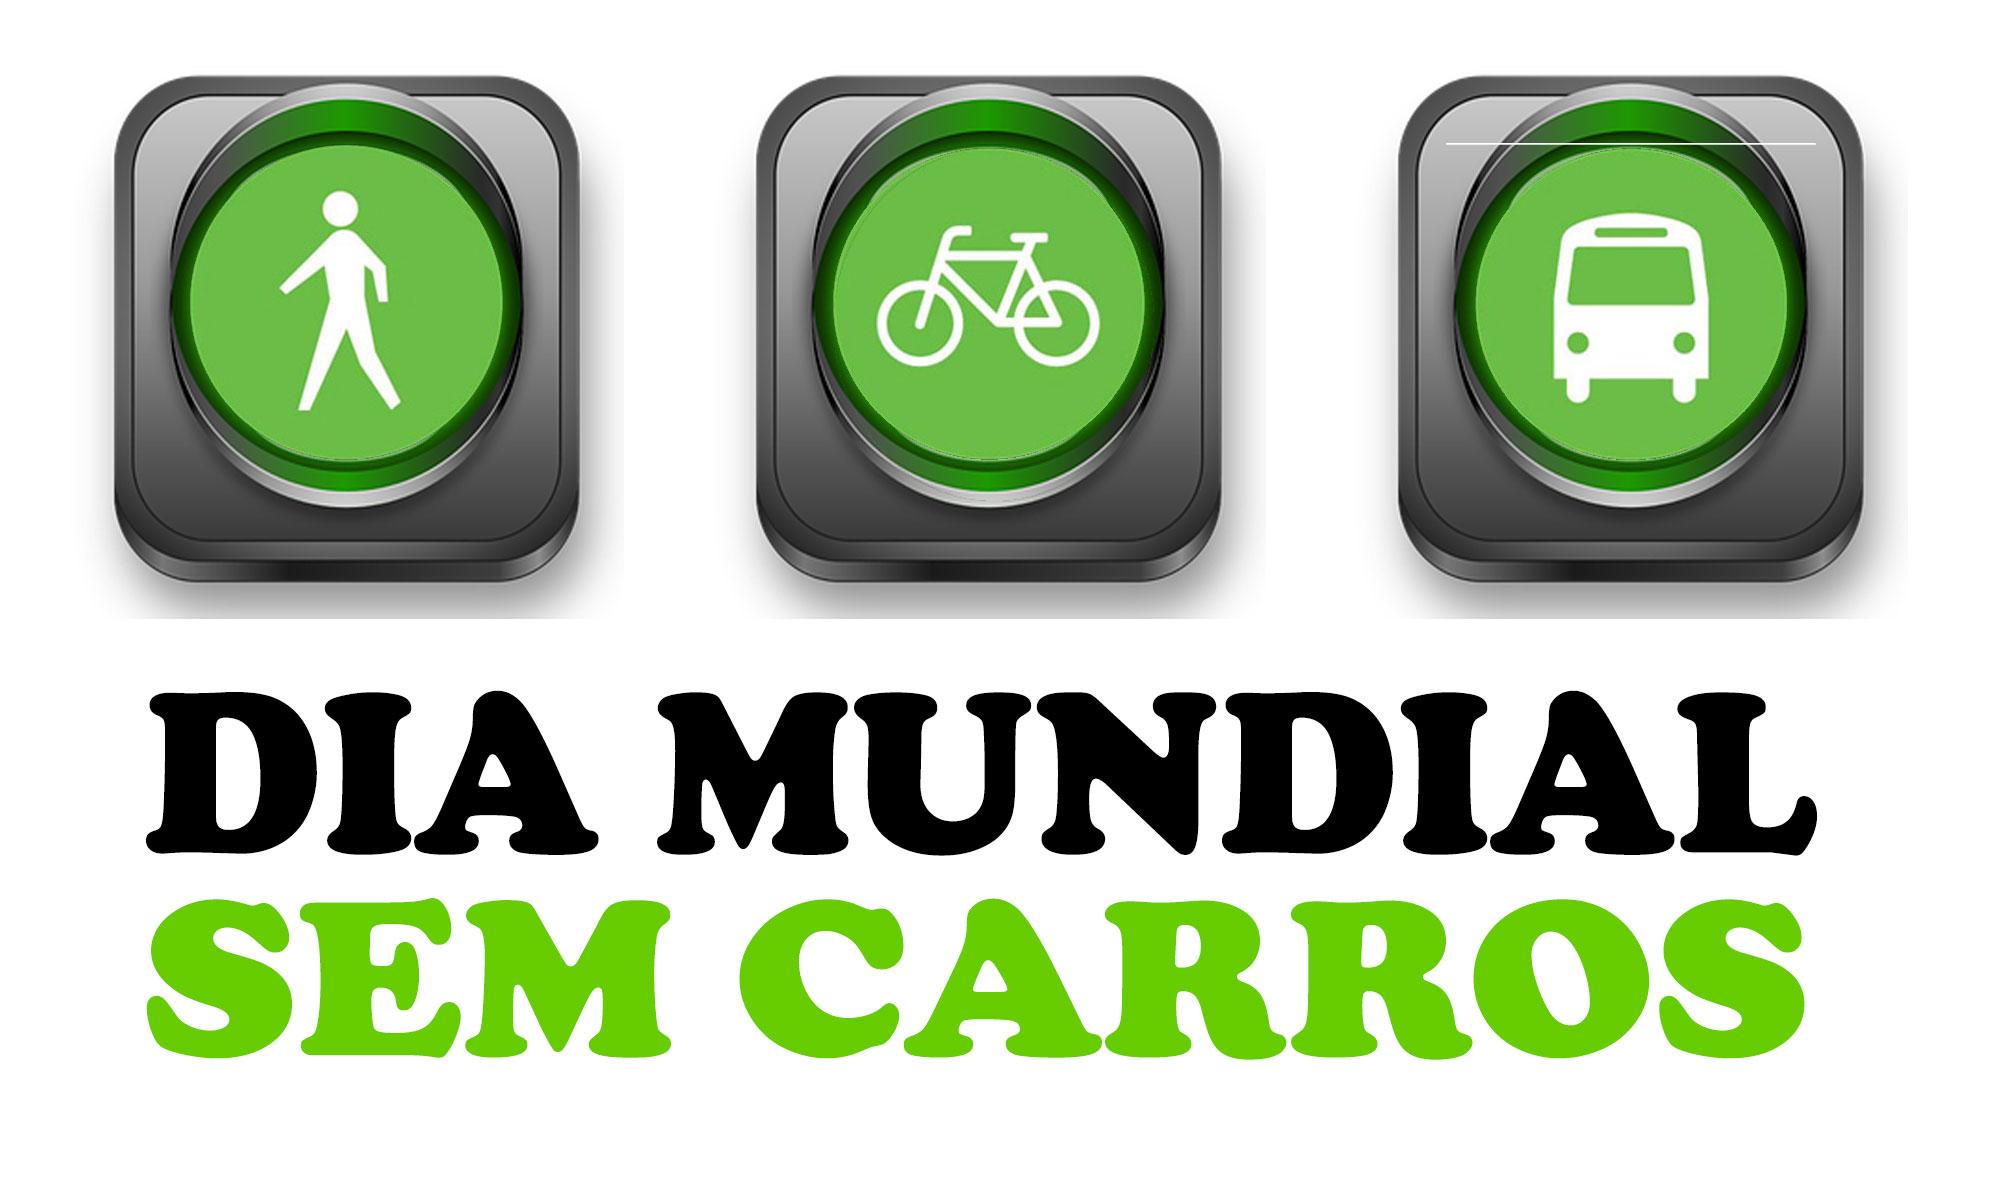 Dia Mundial sem Carro: incentivo ao uso de bikes e transporte público